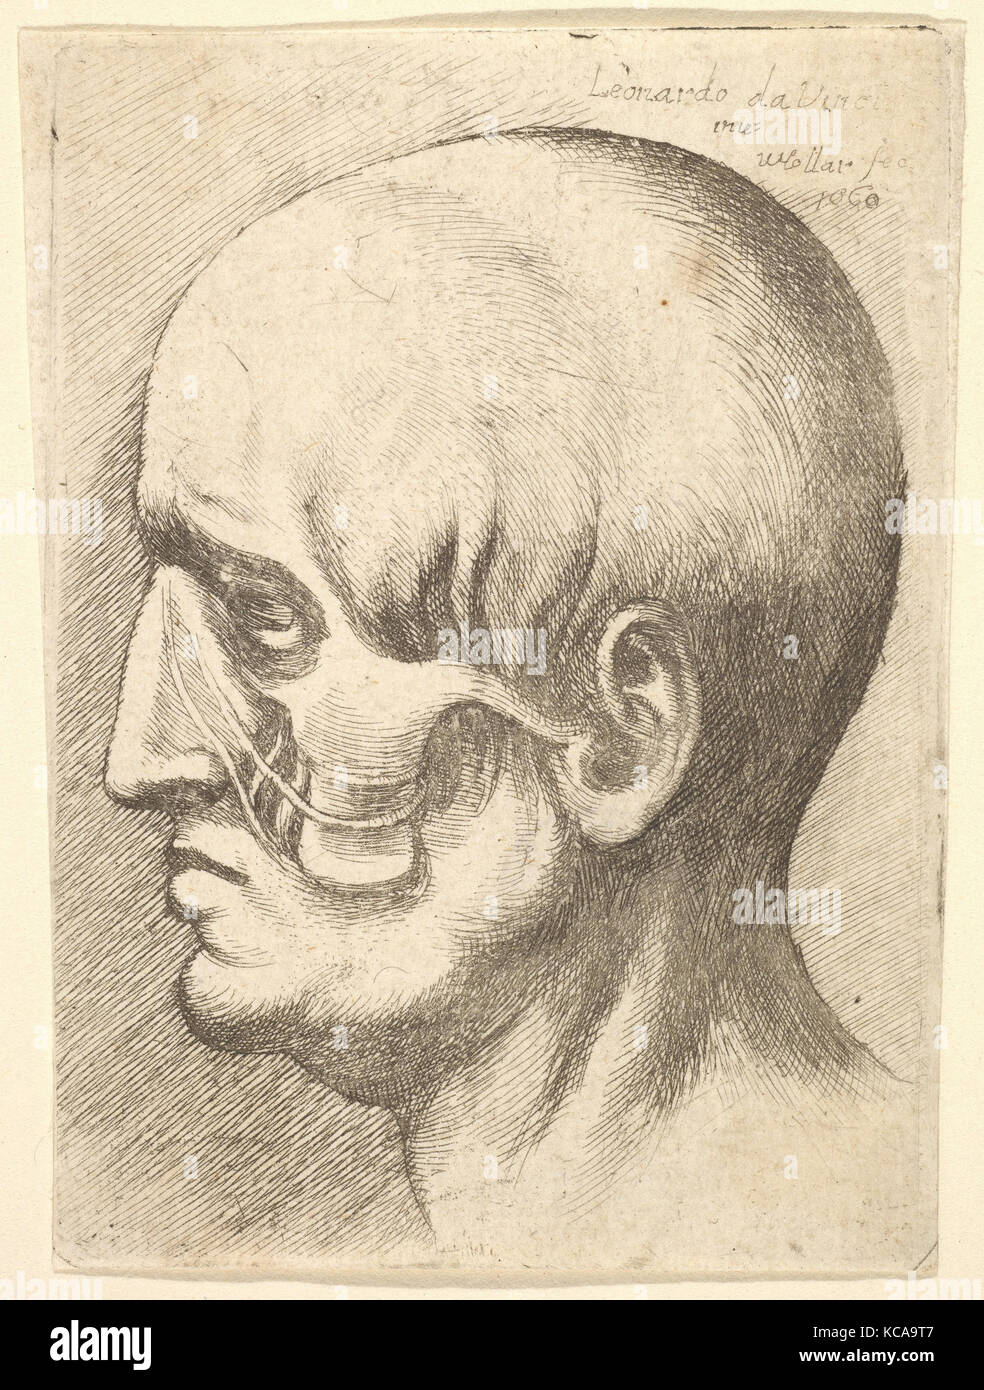 Atemberaubend Anatomie Rückseite Des Kopfes Bilder - Anatomie Ideen ...